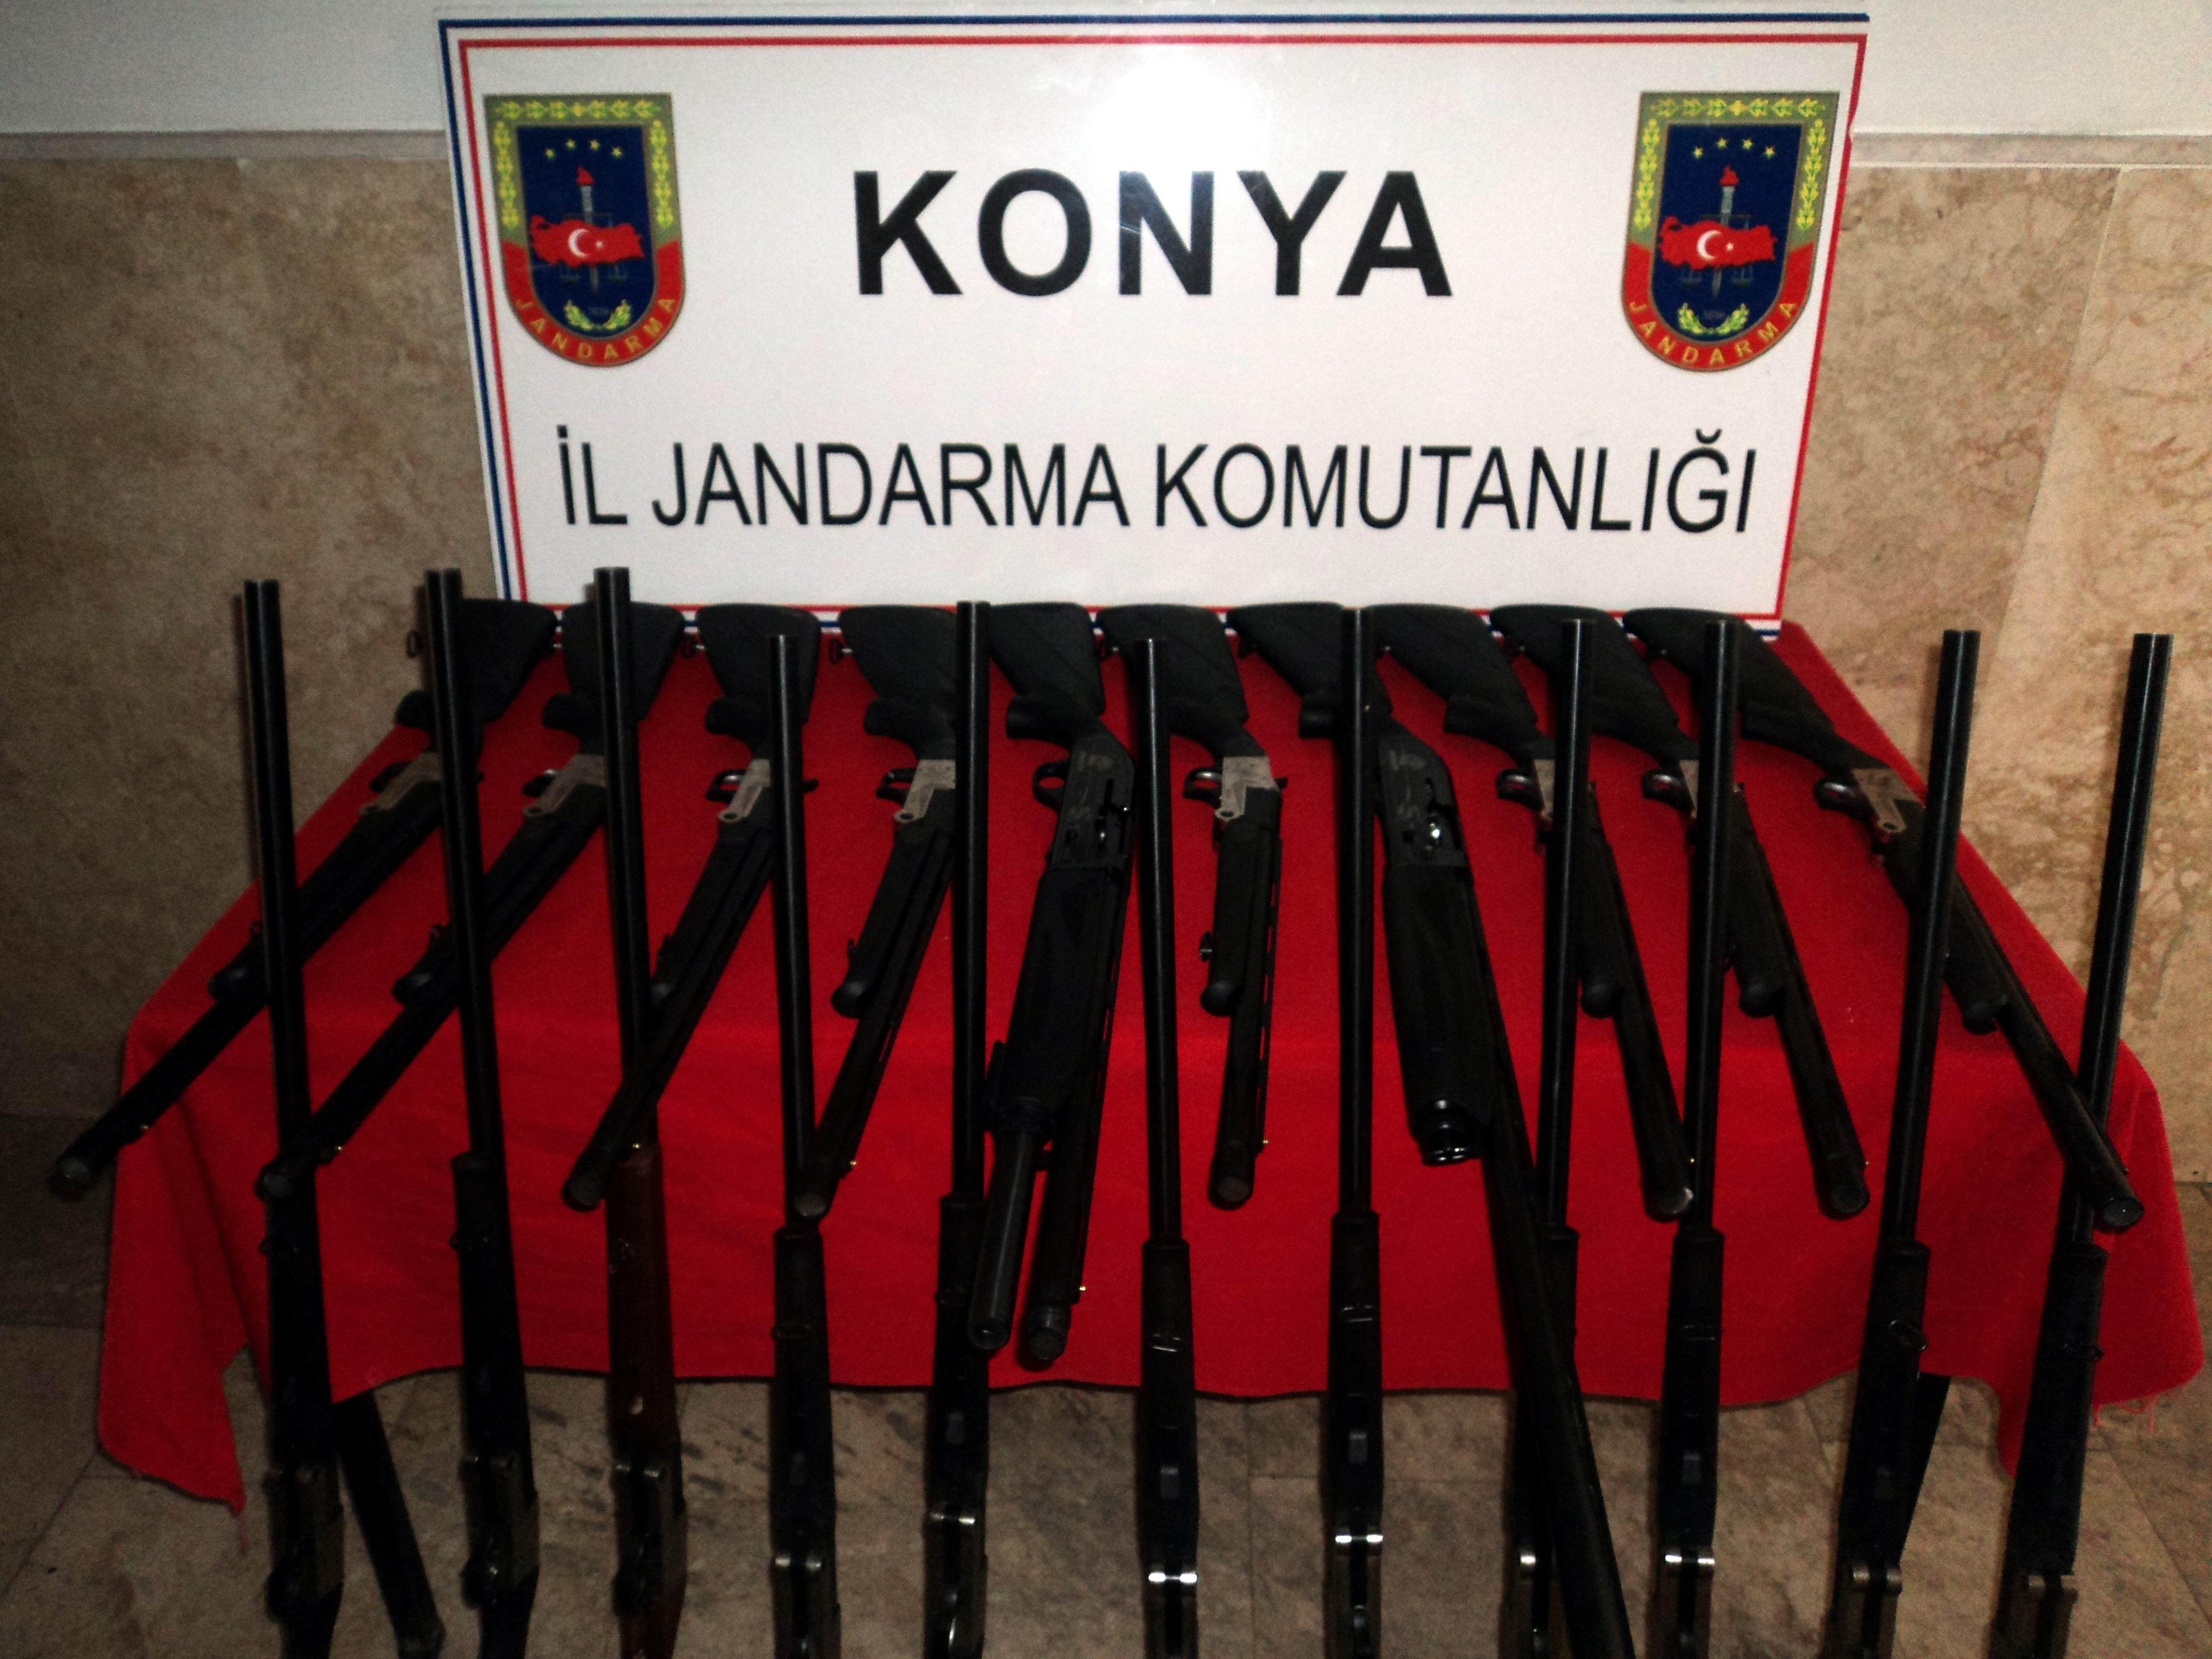 Beyşehir'de usulsüz üretilen tüfekler ele geçirildi